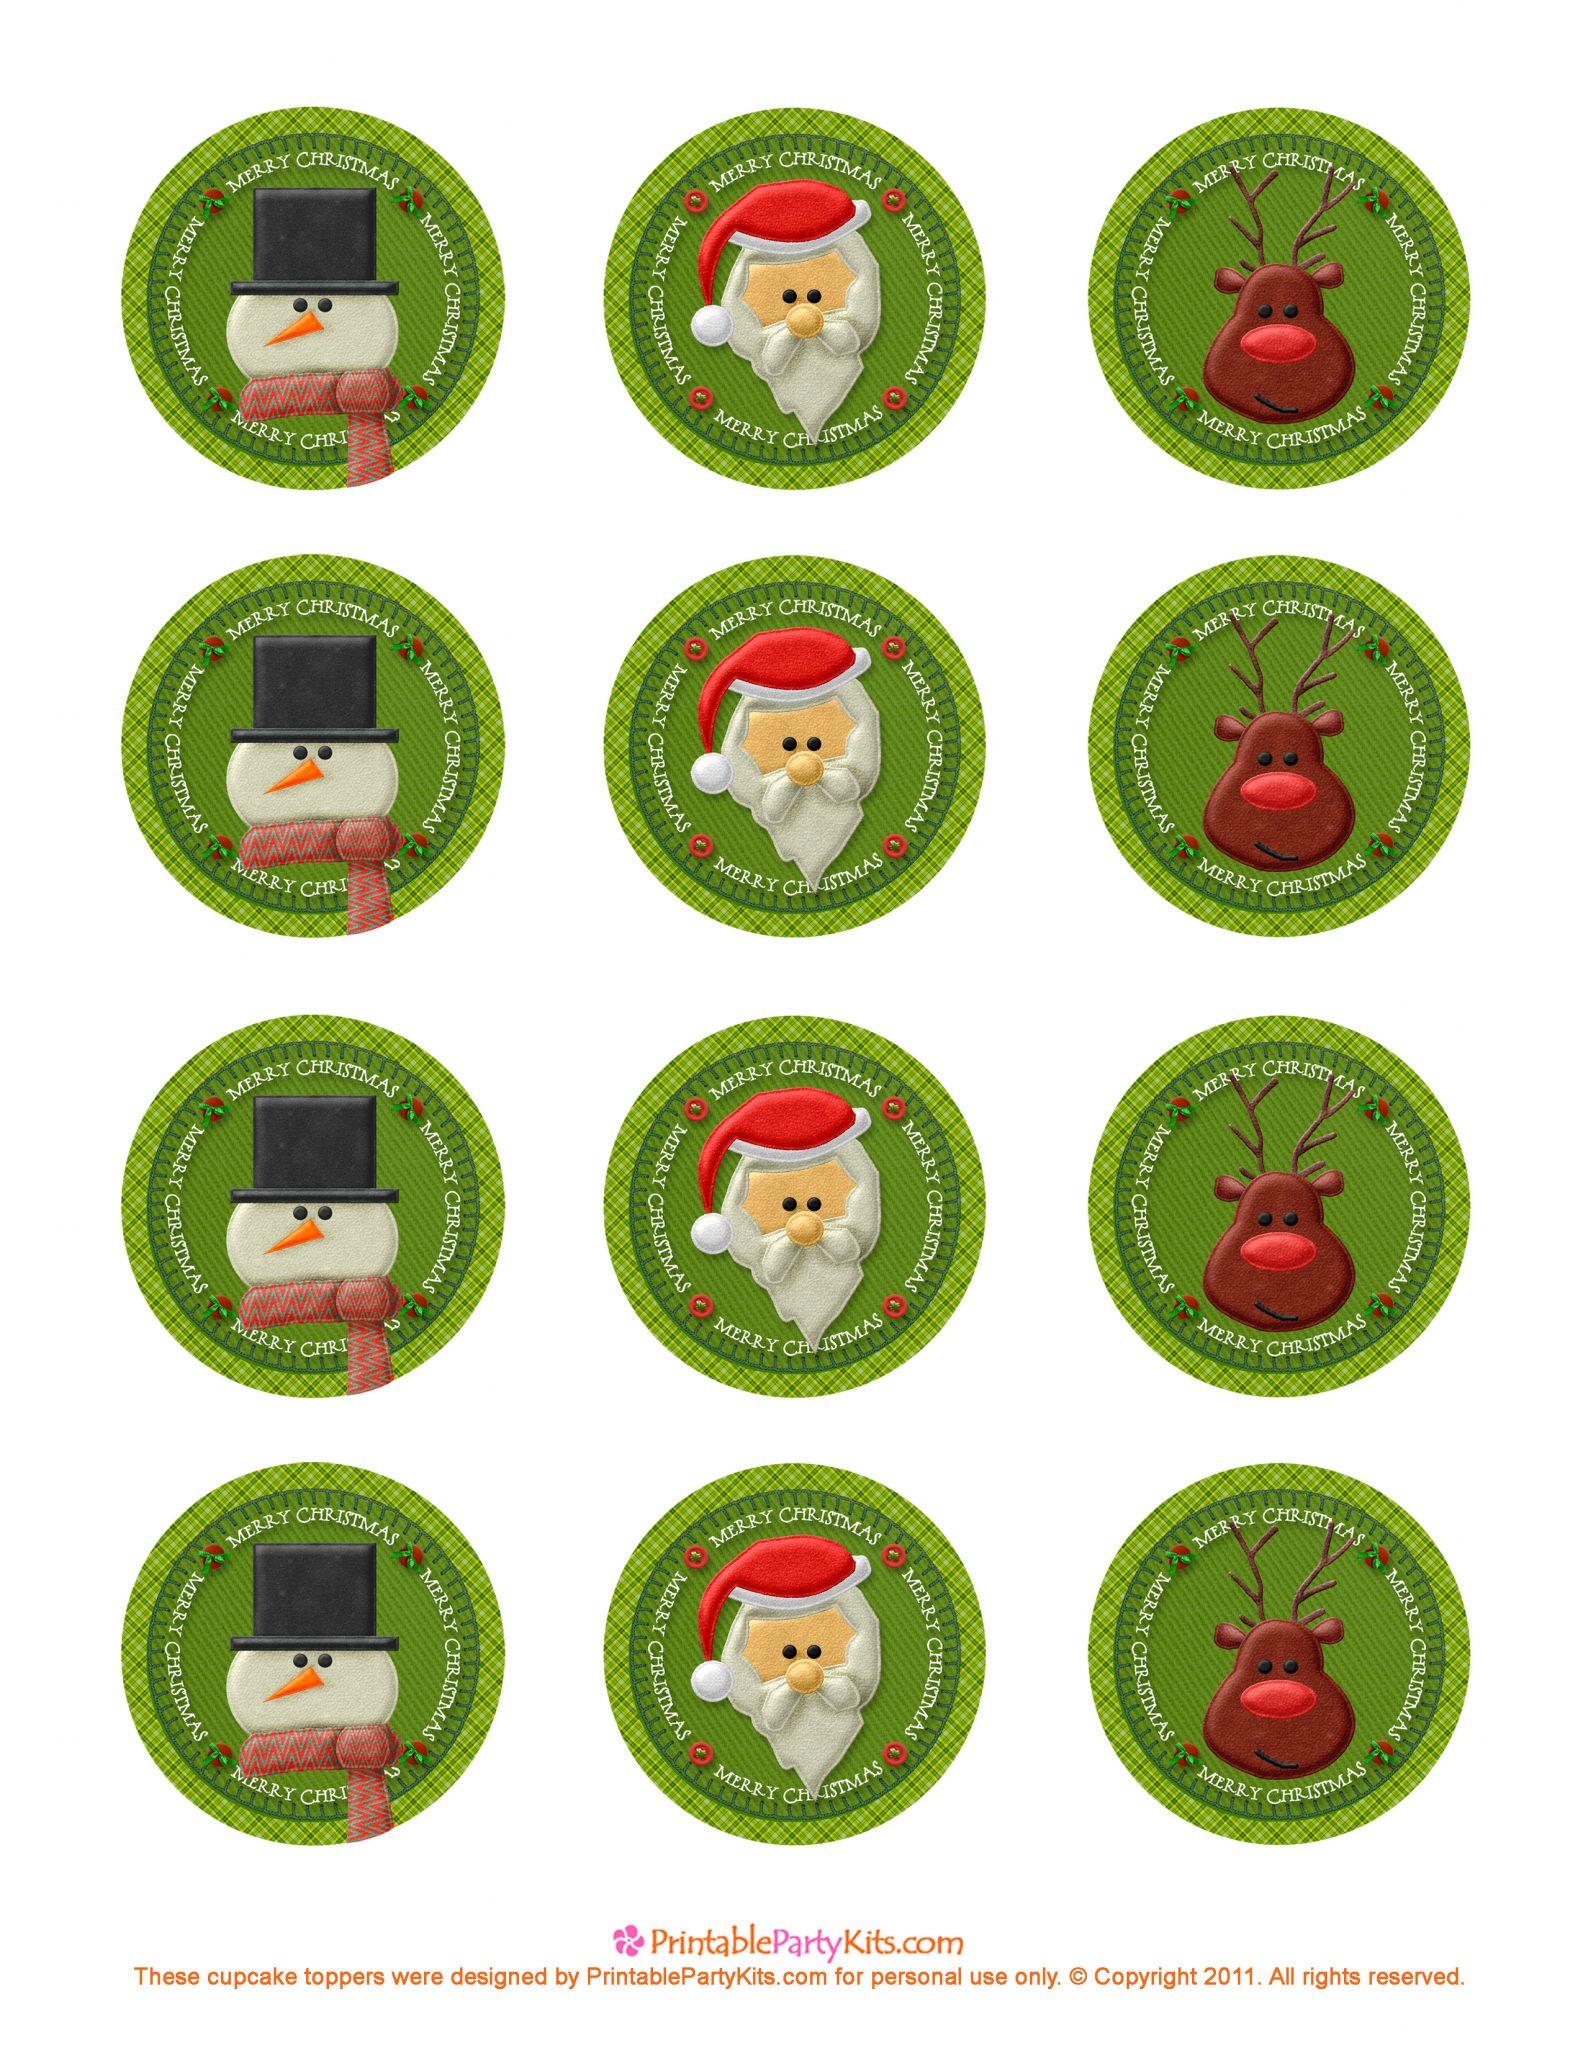 http://printablepartykits.com/christmas-cupcakes/